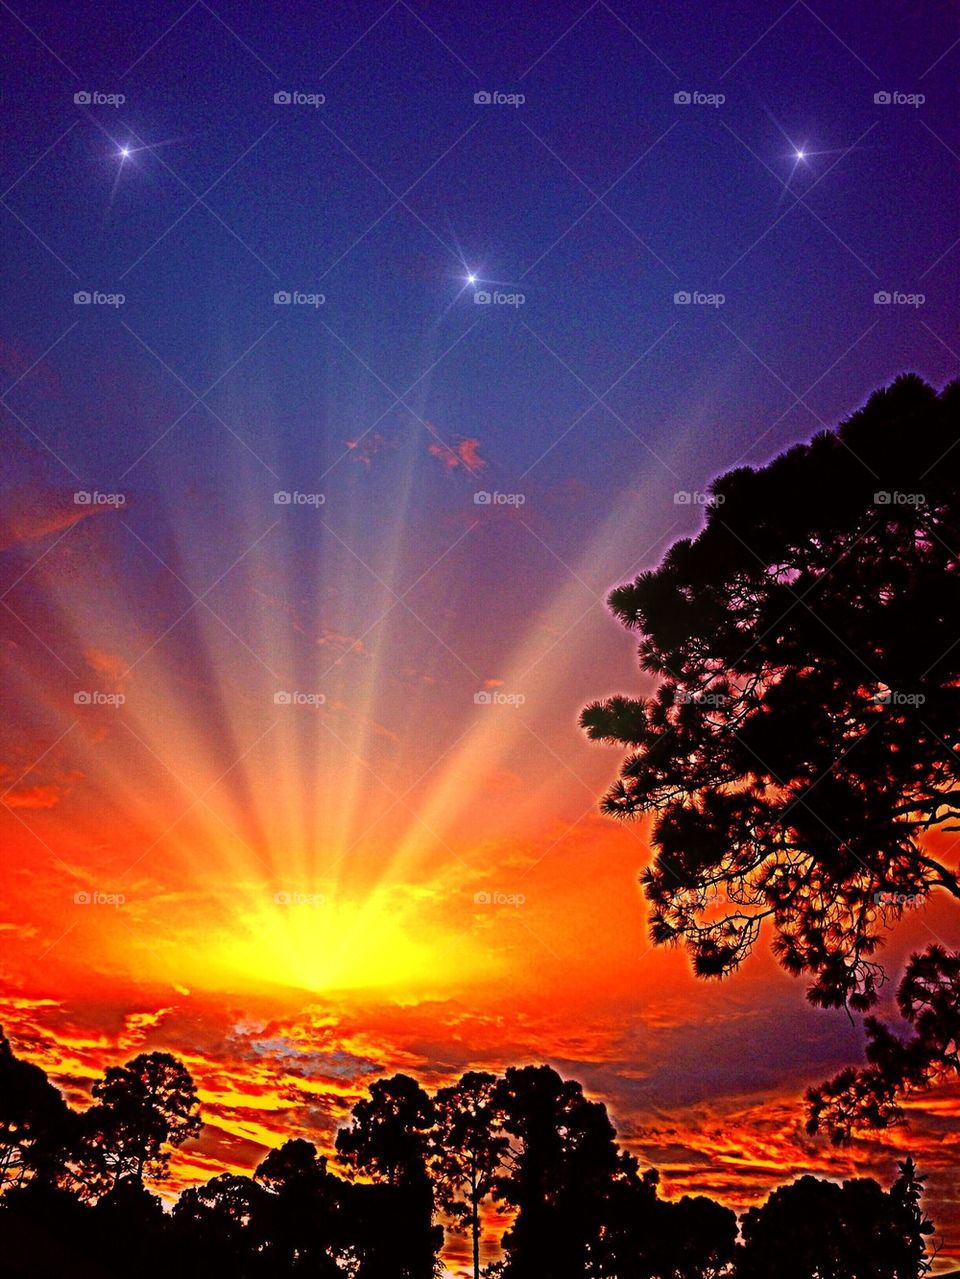 Starlight sunset